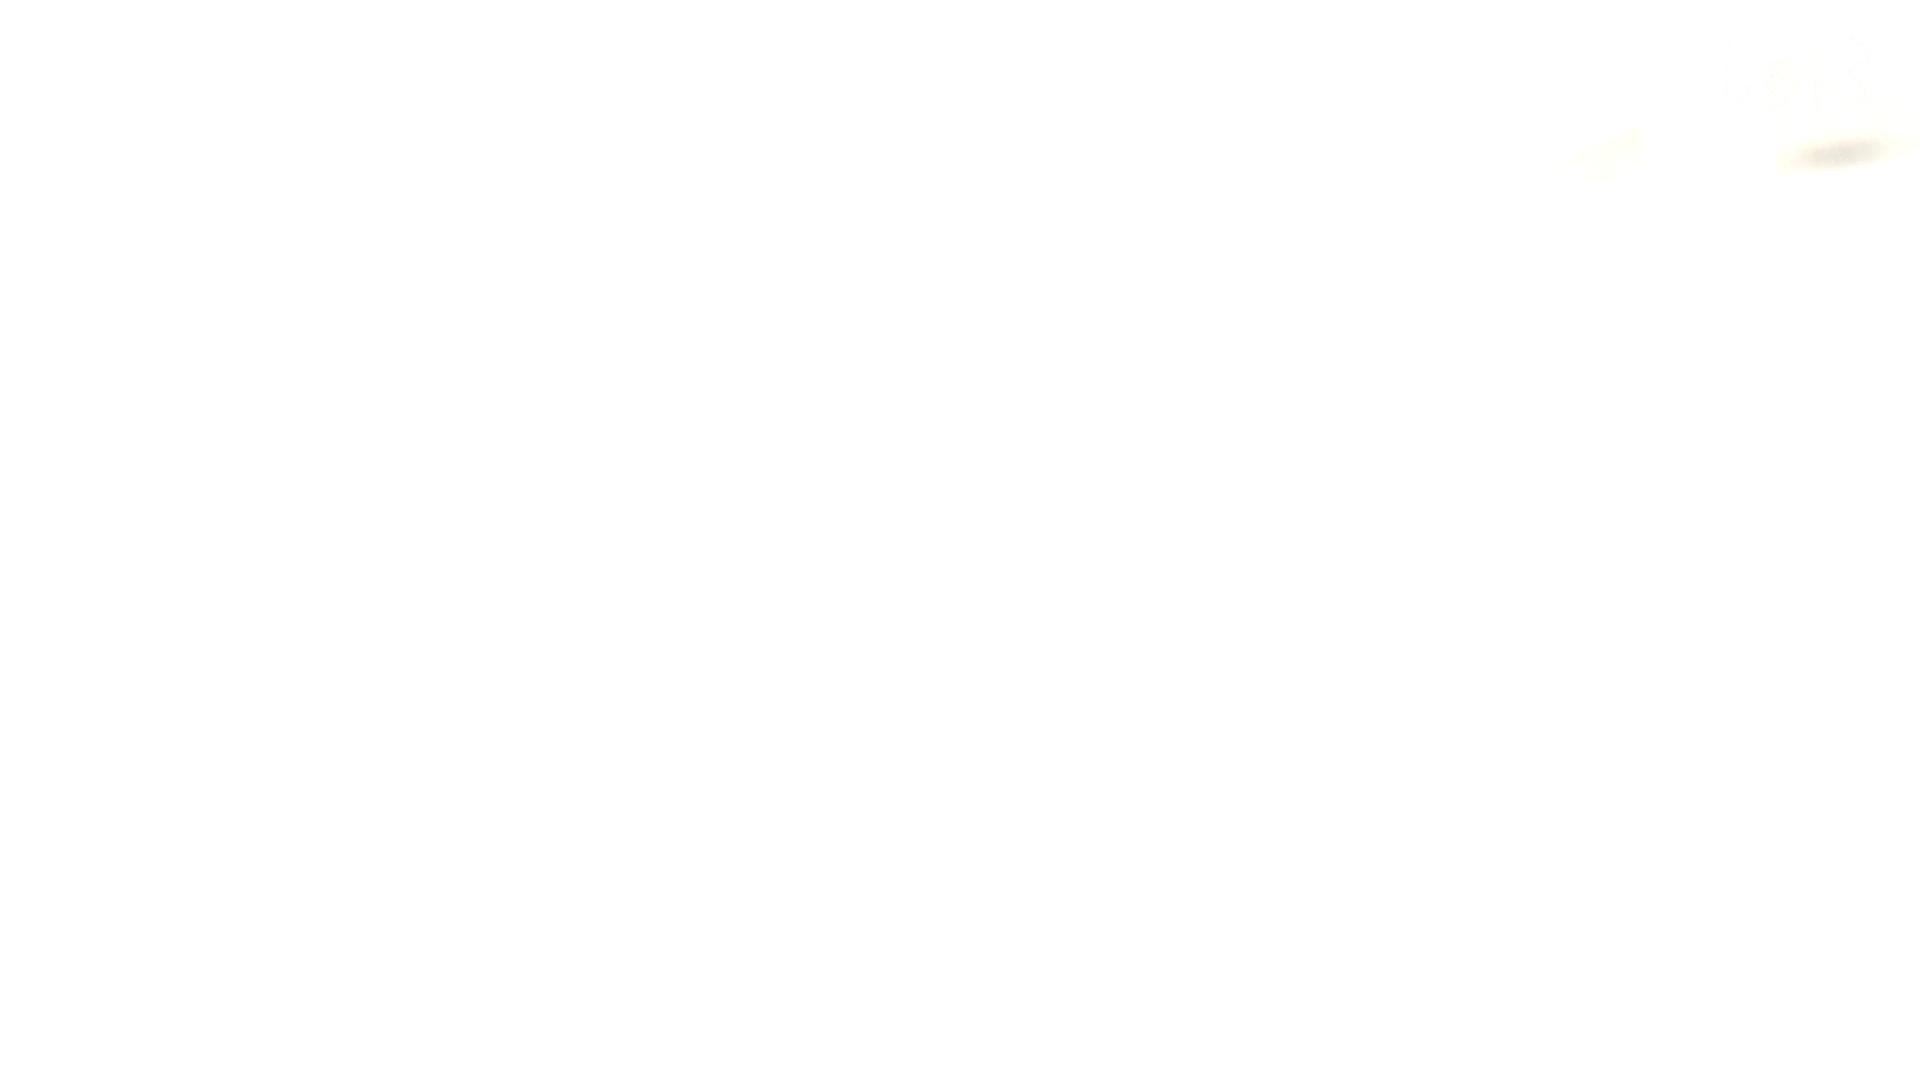 至高下半身盗撮-PREMIUM-【院内病棟編 】VOL3 盗撮  88PIX 40